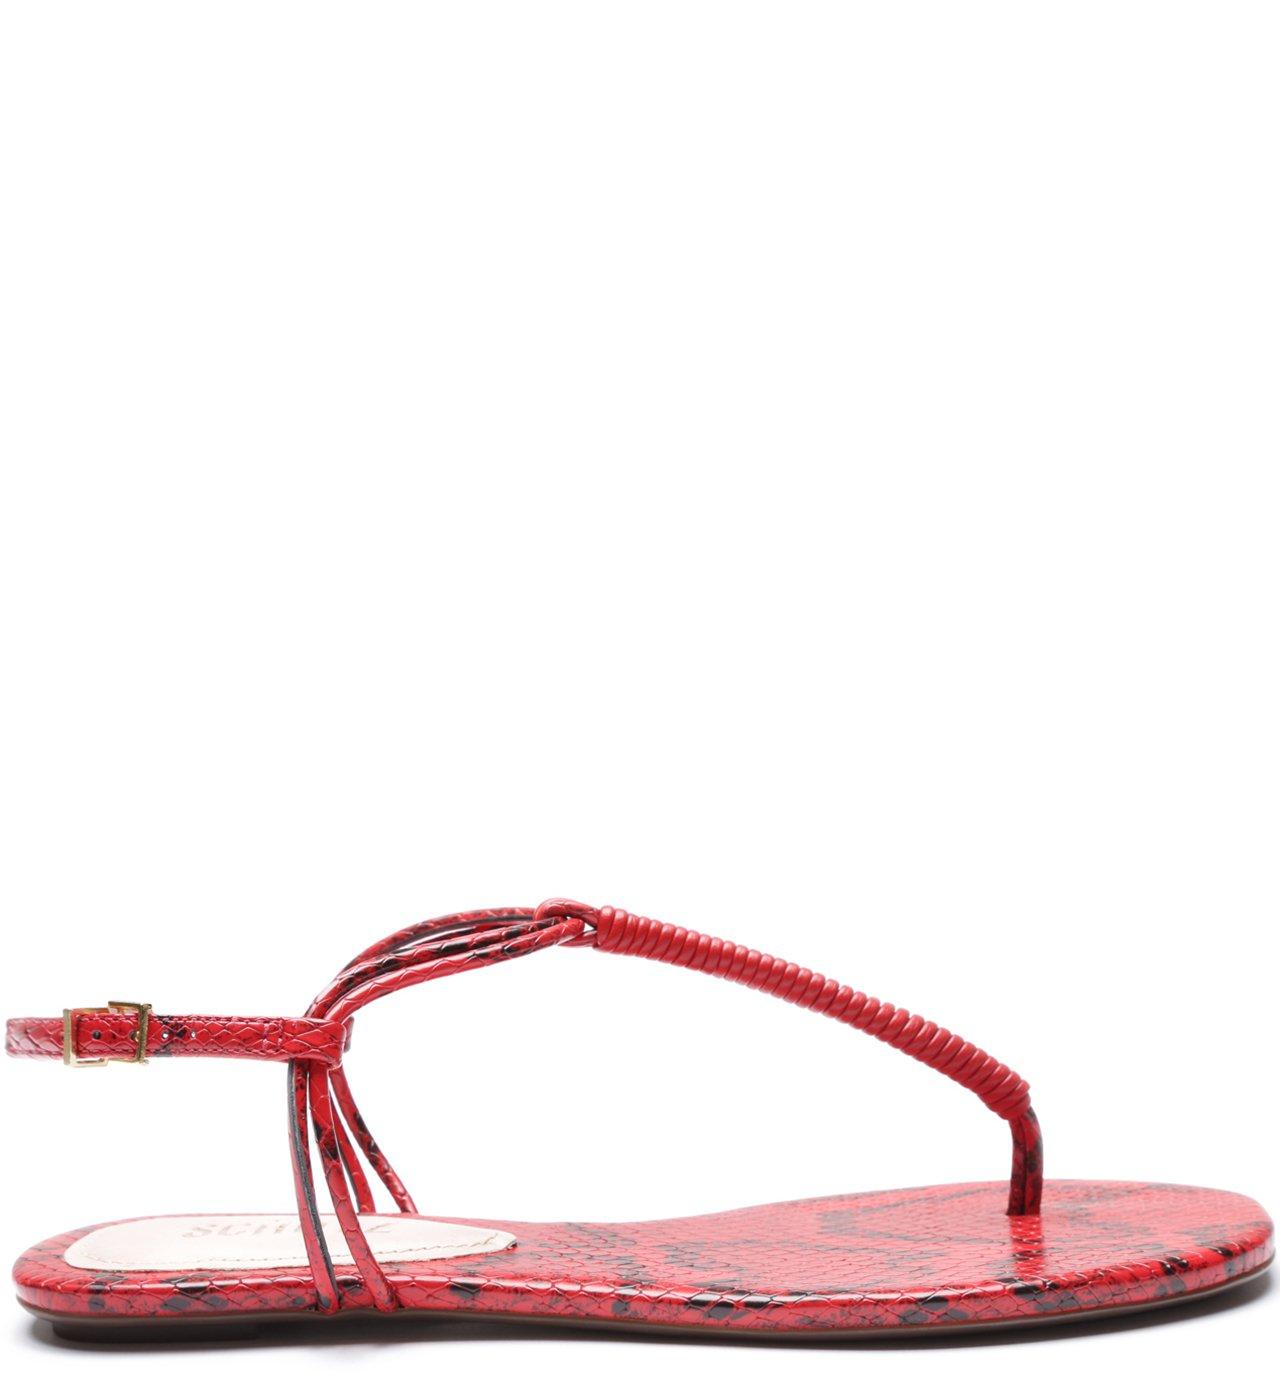 Sandália Rasteira Strings Python Red | Schutz